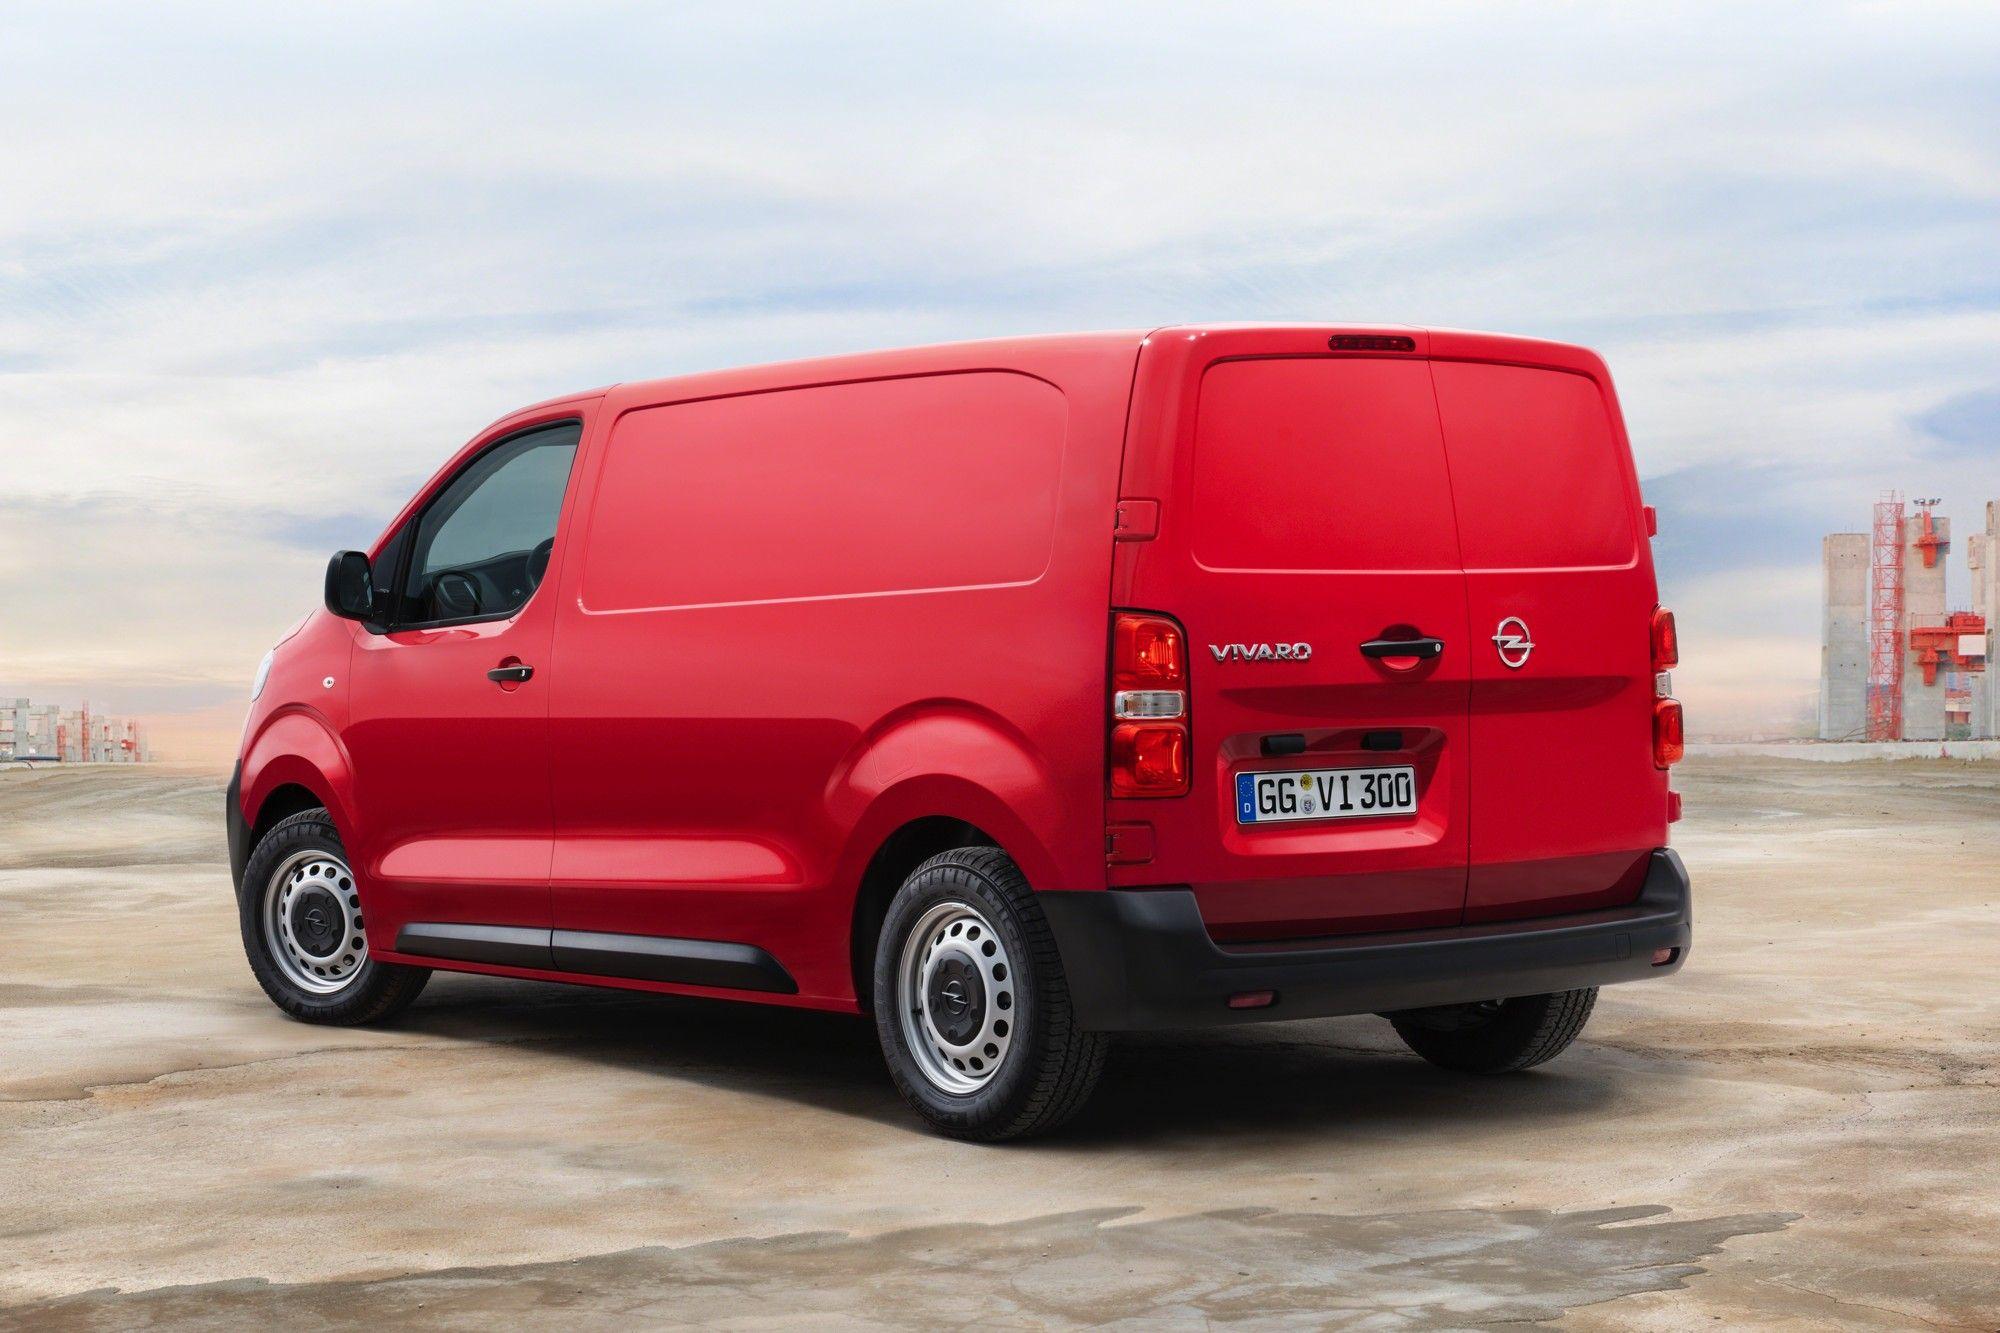 Carmartch Lademeister Oder Buro Auf Radern Jetzt Hier Vorgestellt Opel Vivaro 2019 Nutzfahrzeuge Fahrzeuge Laderaum